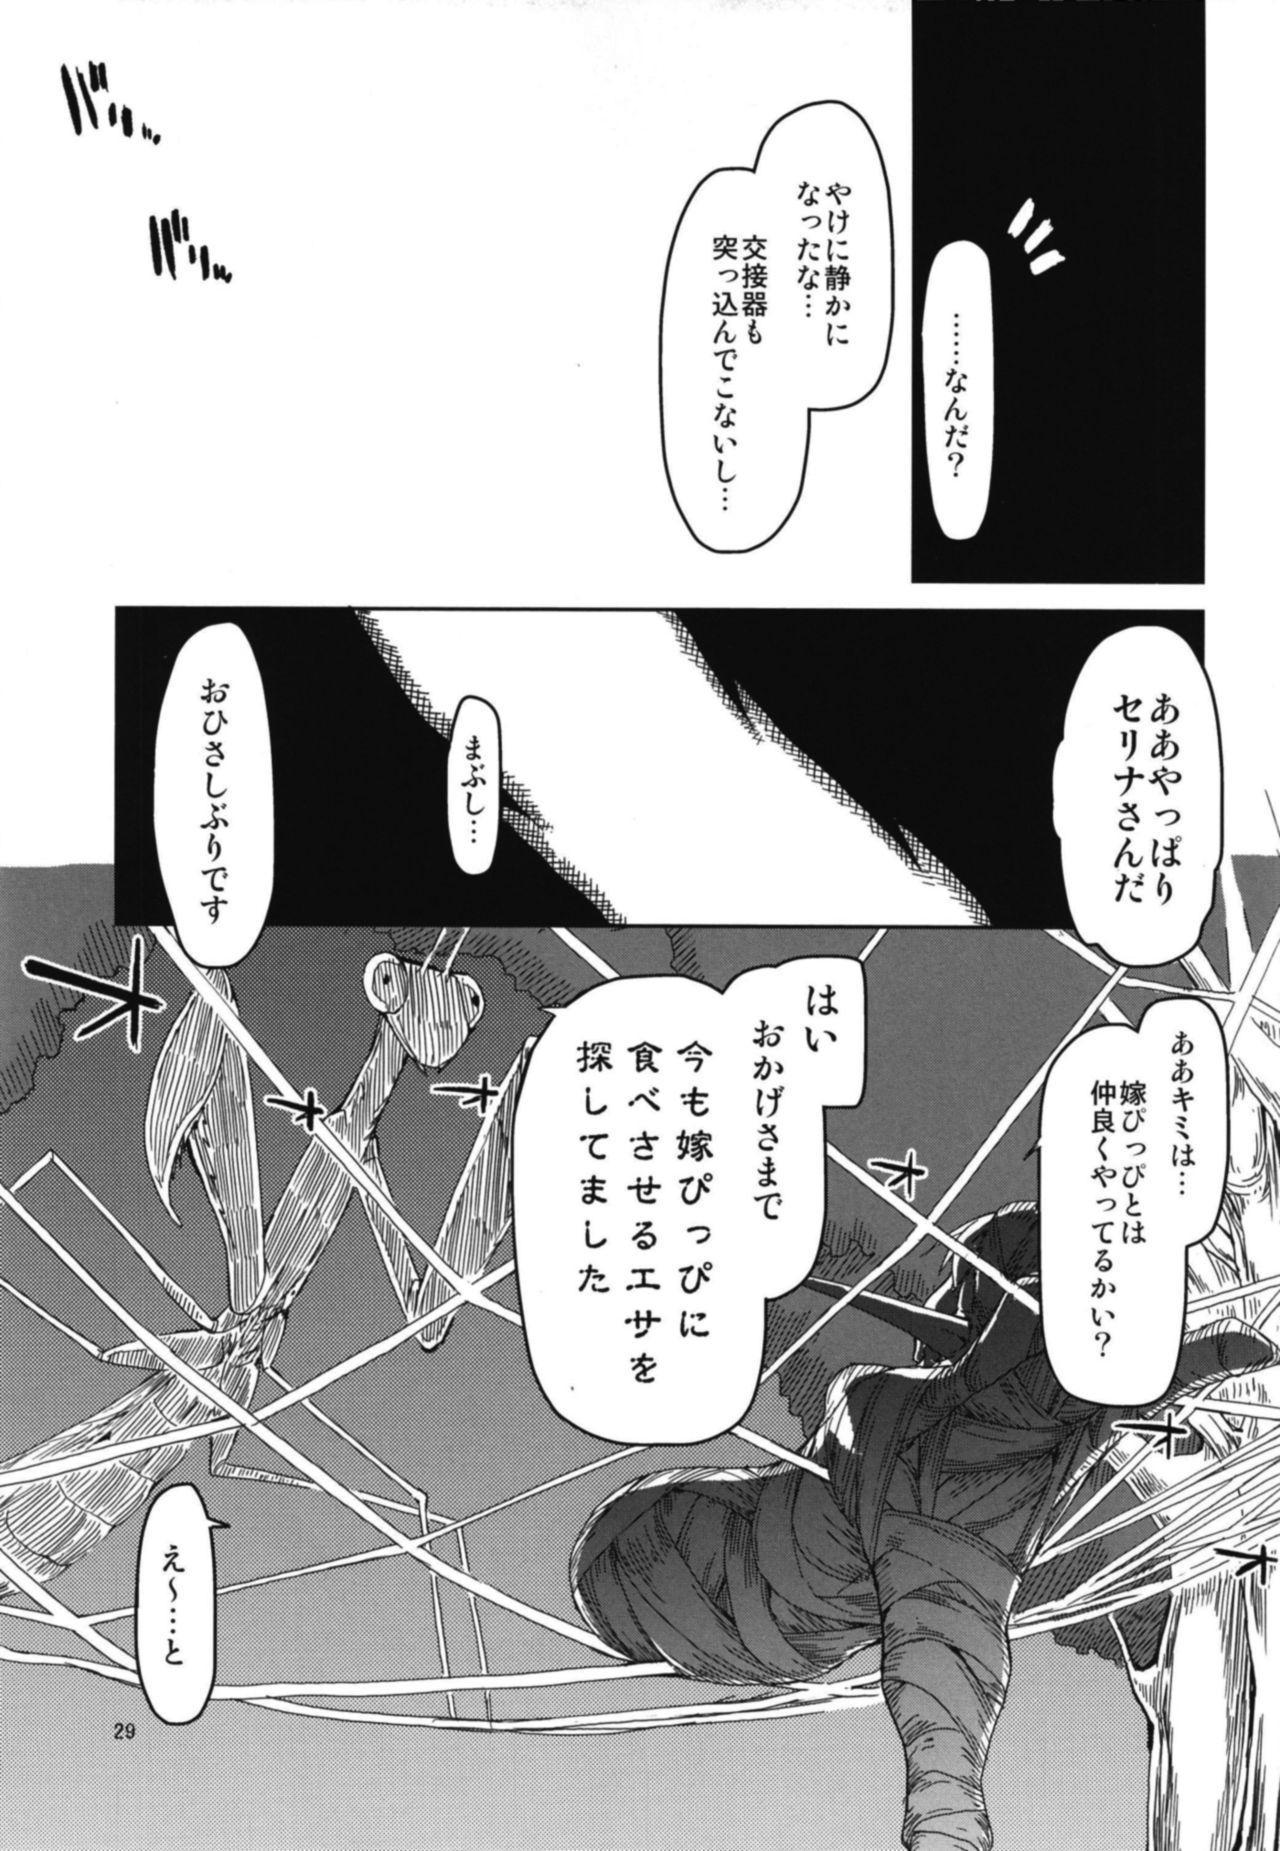 Dosukebe Elf no Ishukan Nikki 5 30